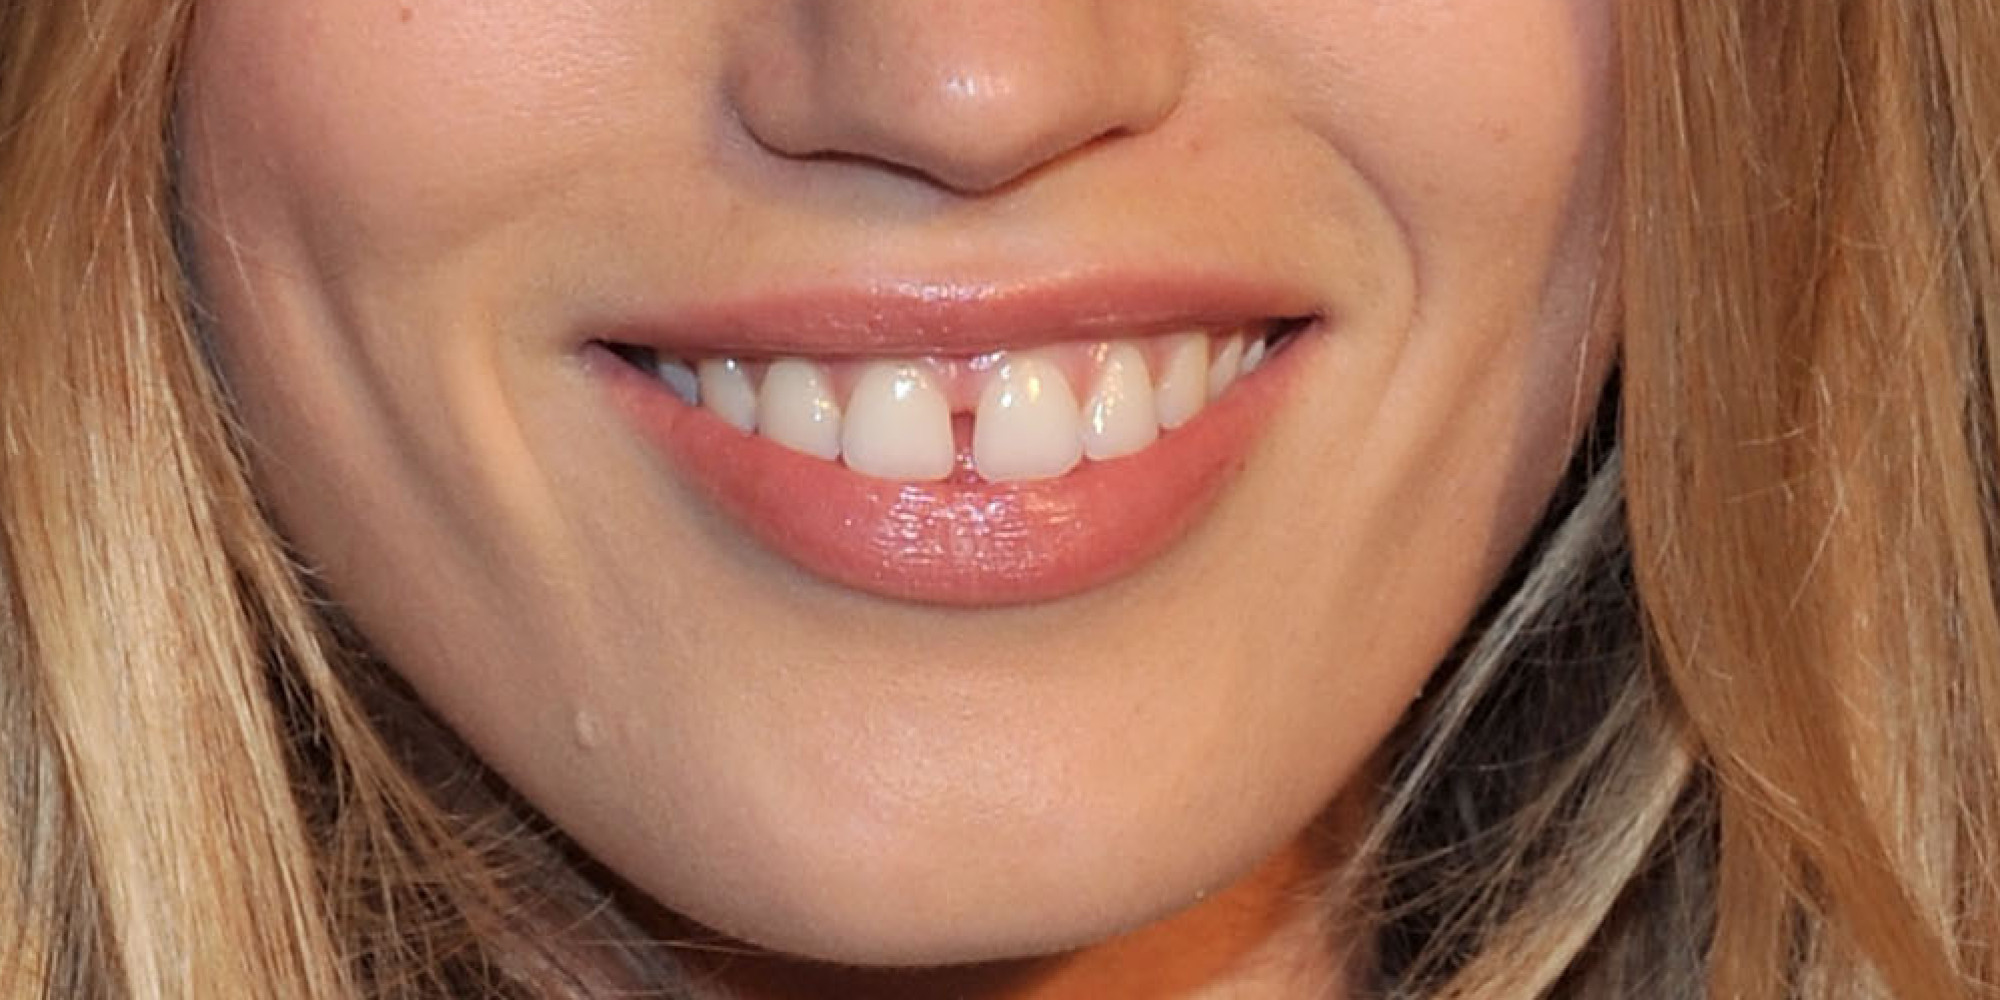 Щель между зубов фото девушек